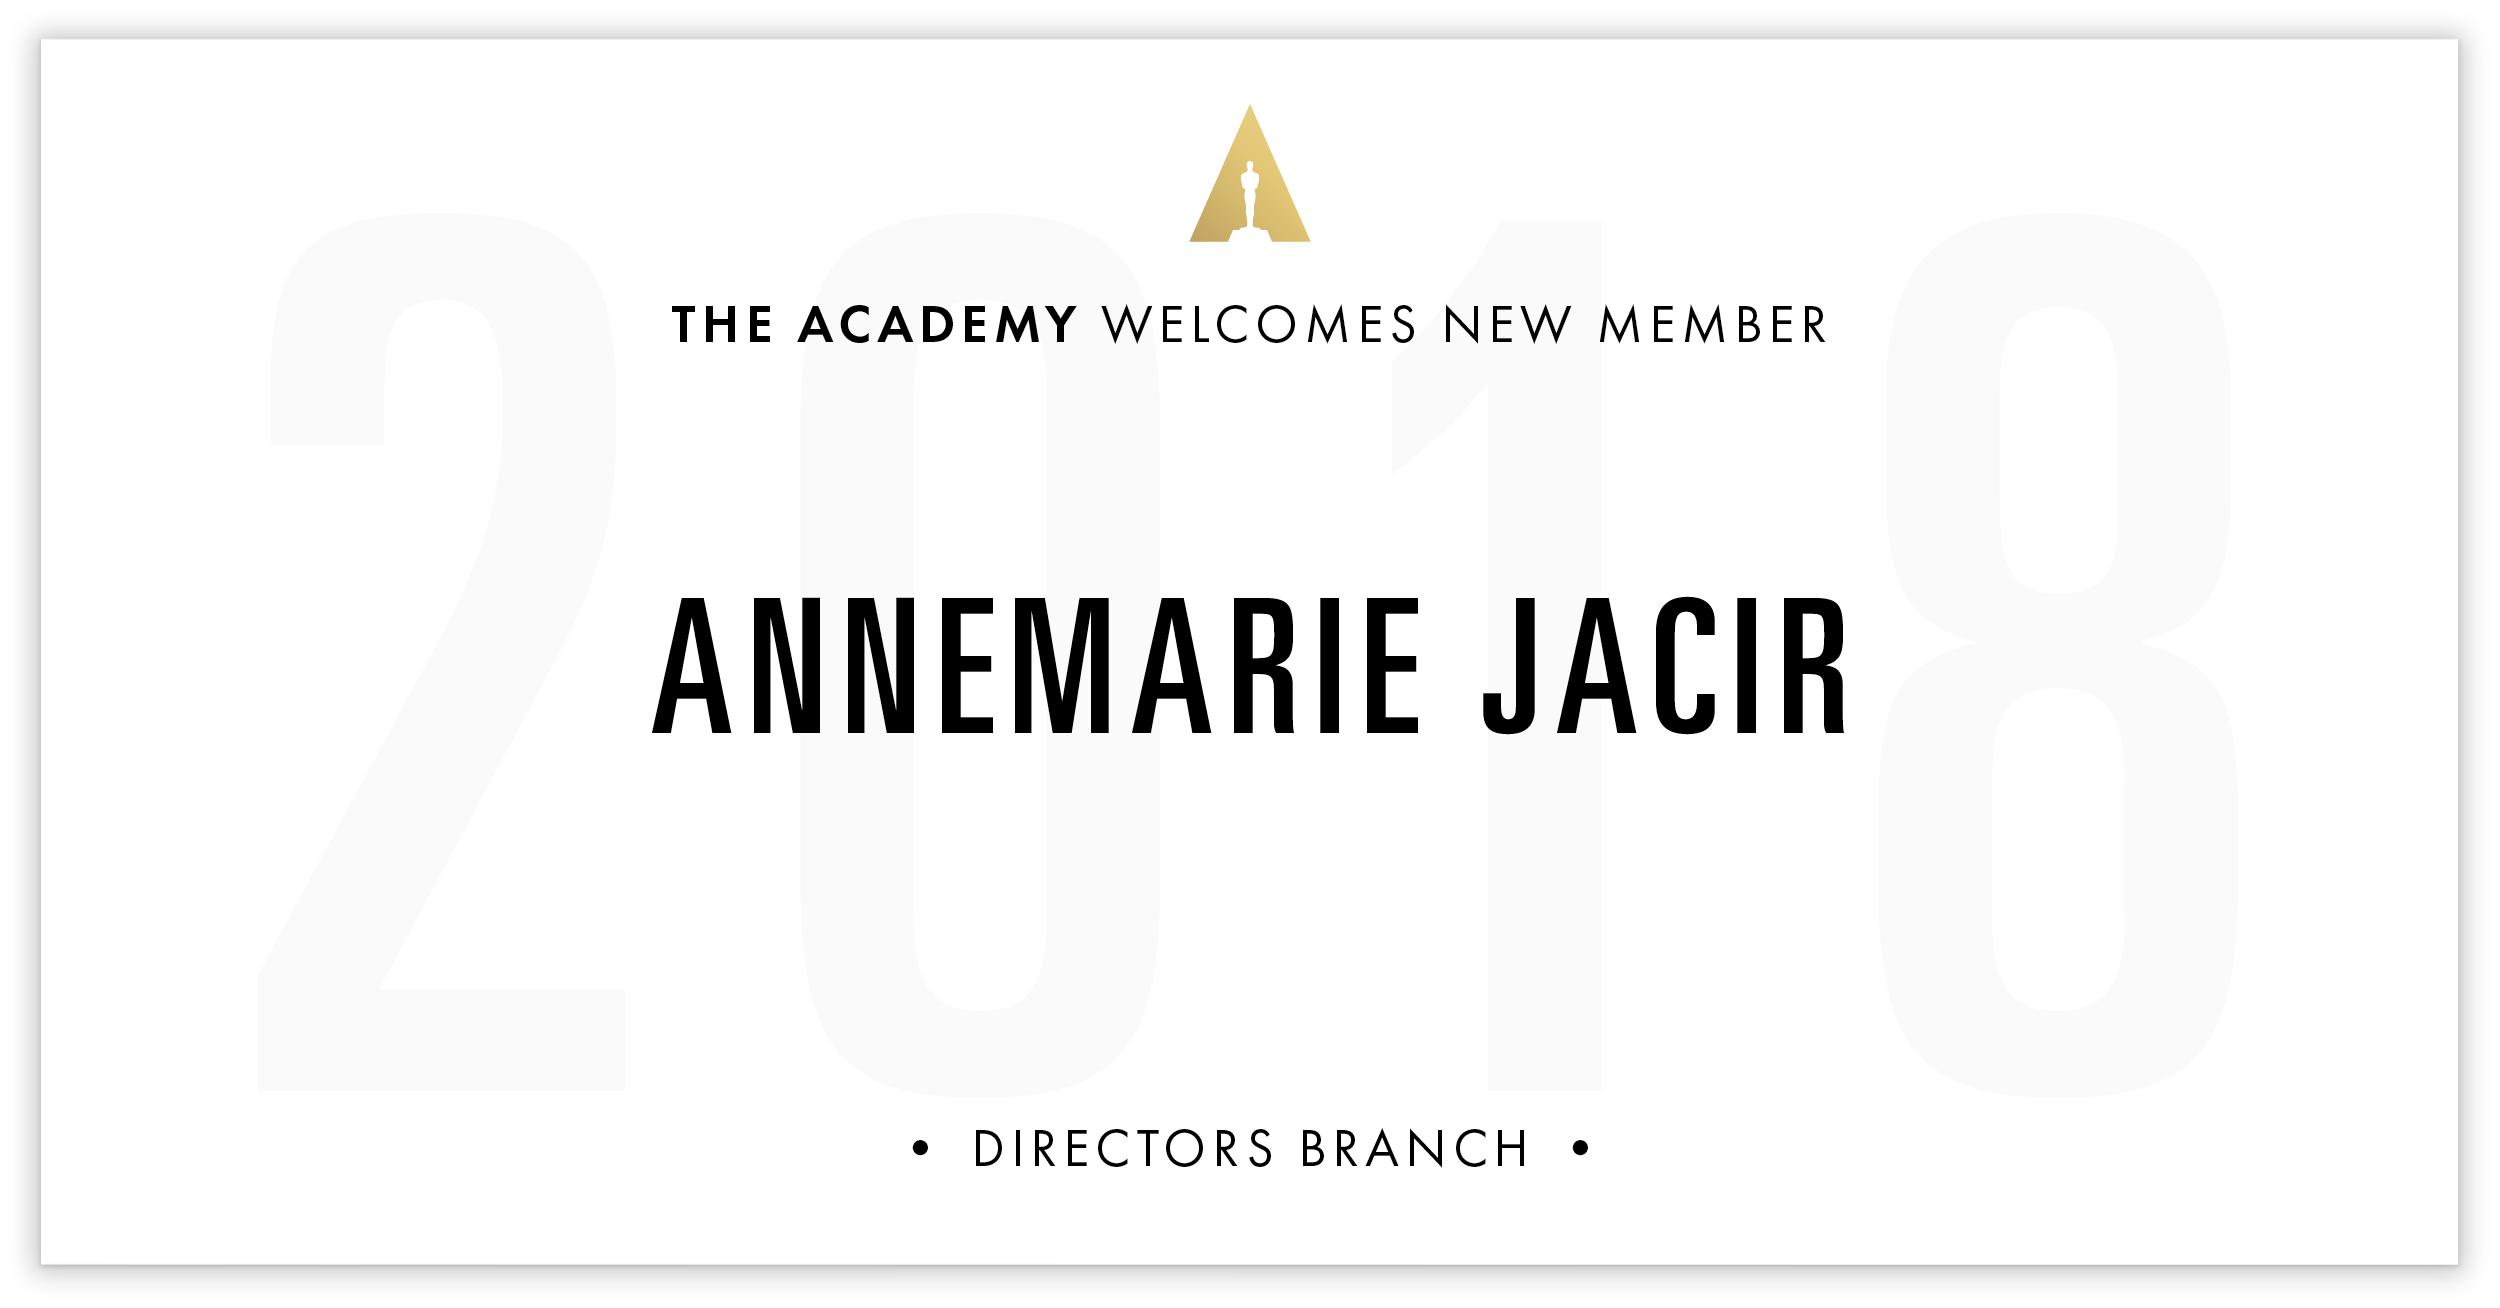 Annemarie Jacir is invited!